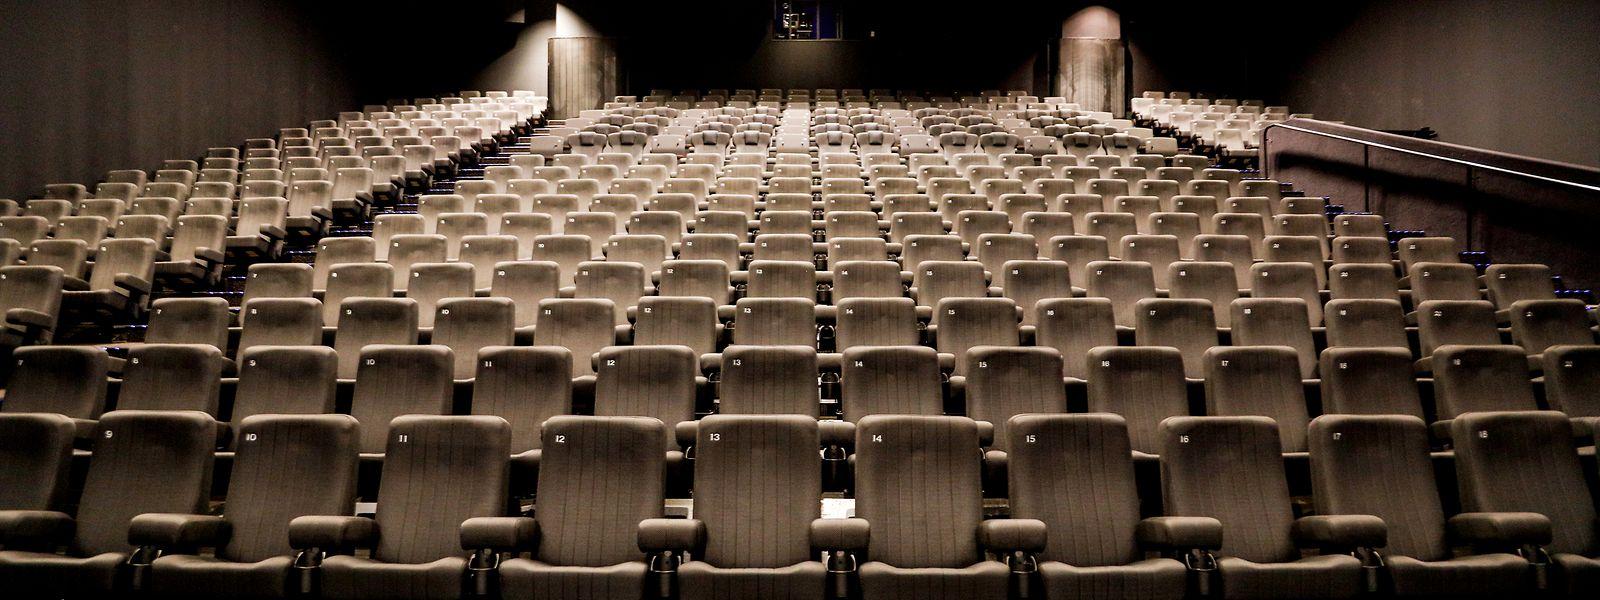 O cinema foi o meio de comunicação que registou as maiores quebras.